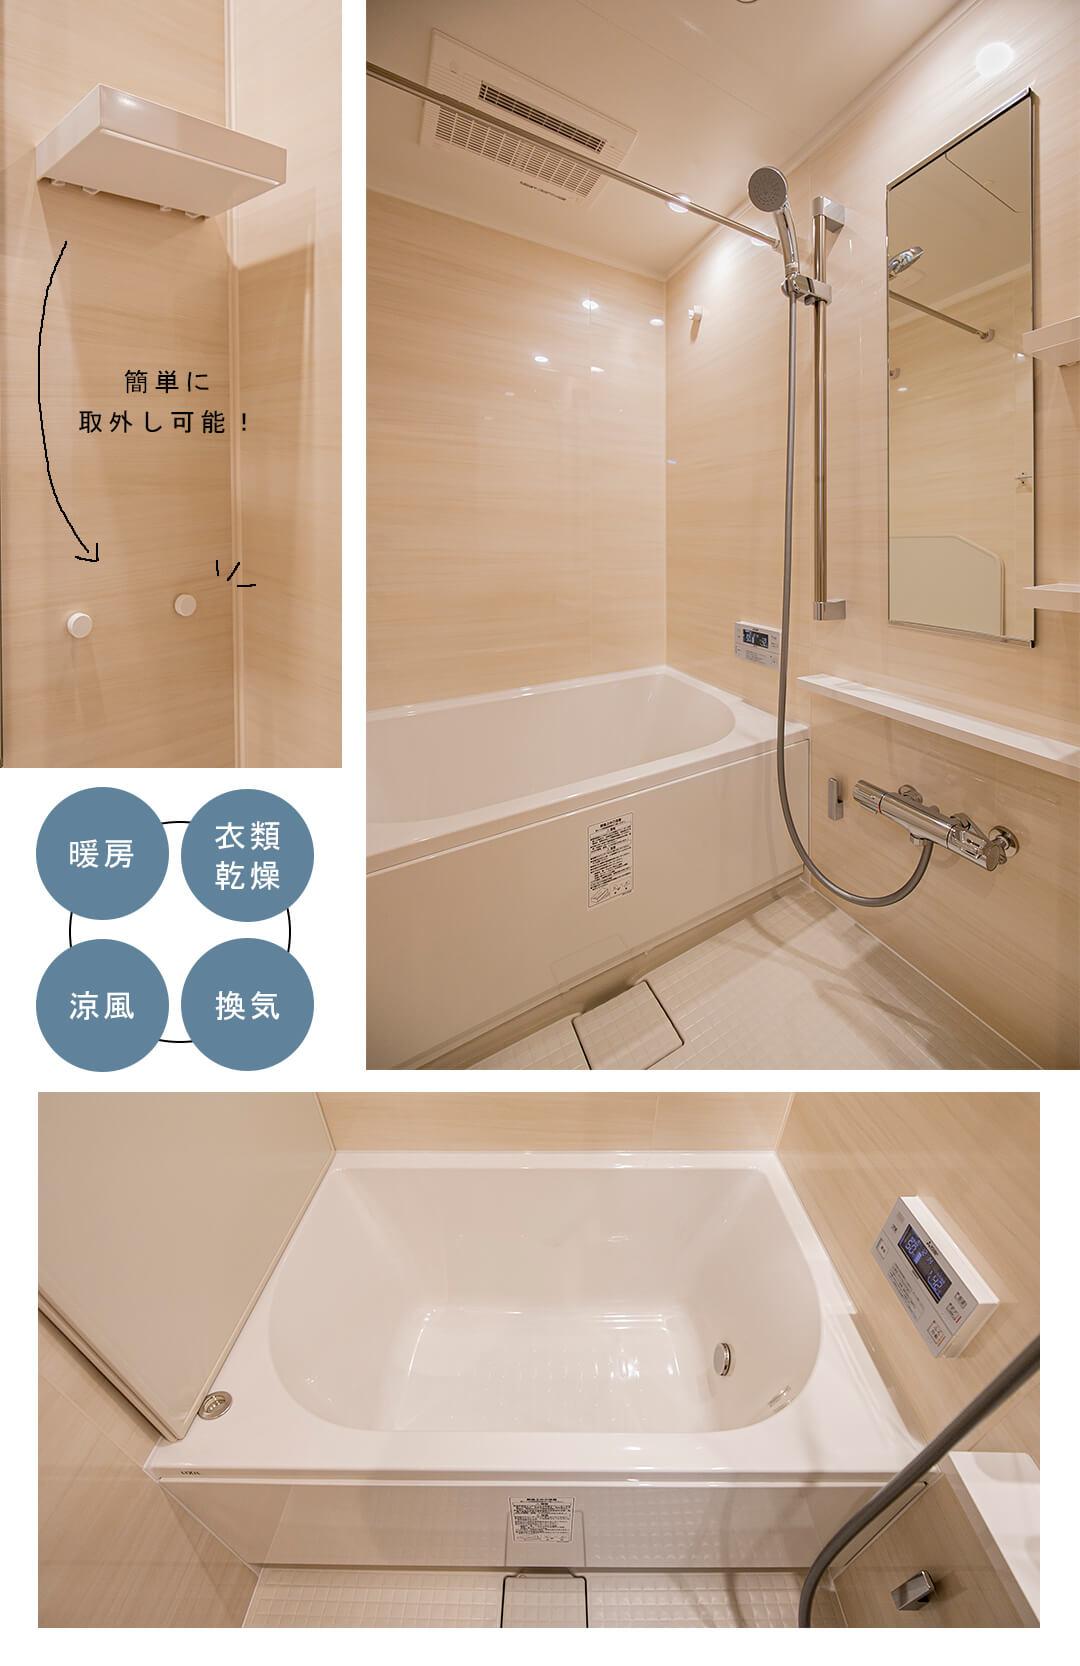 安藤坂東方マンションの浴室